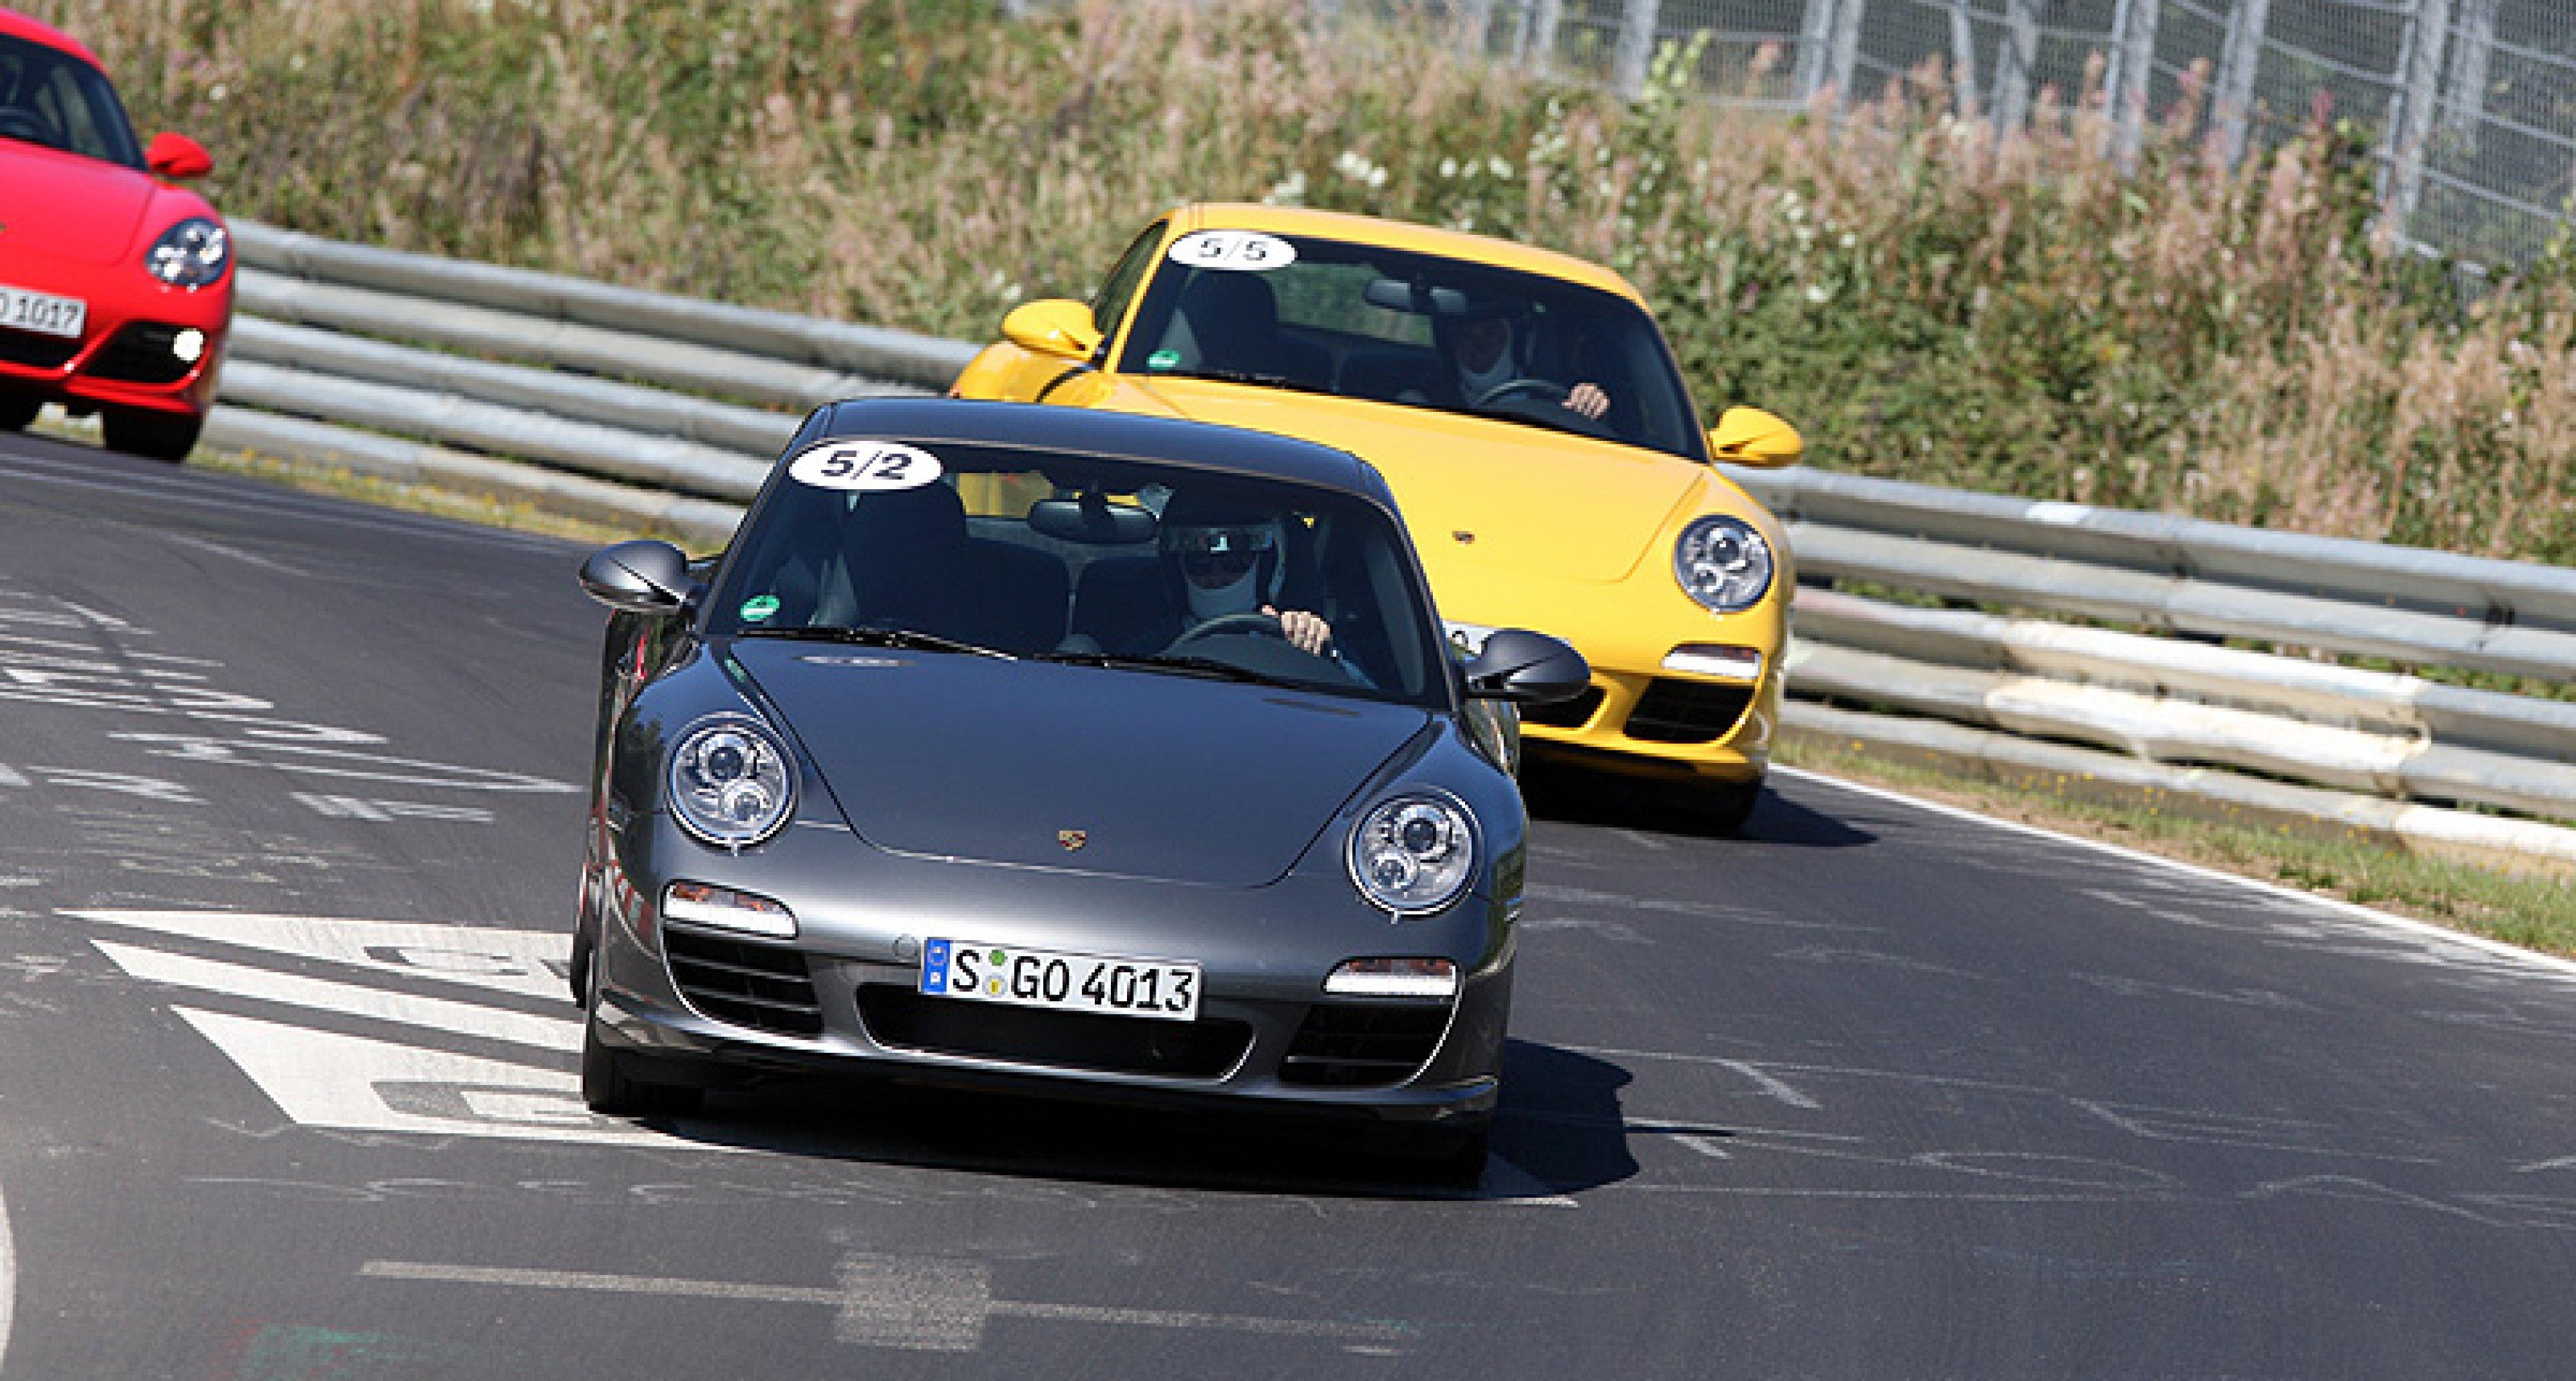 Porsche-Perfektionstraining Nordschleife: Einmal Hölle und zurück